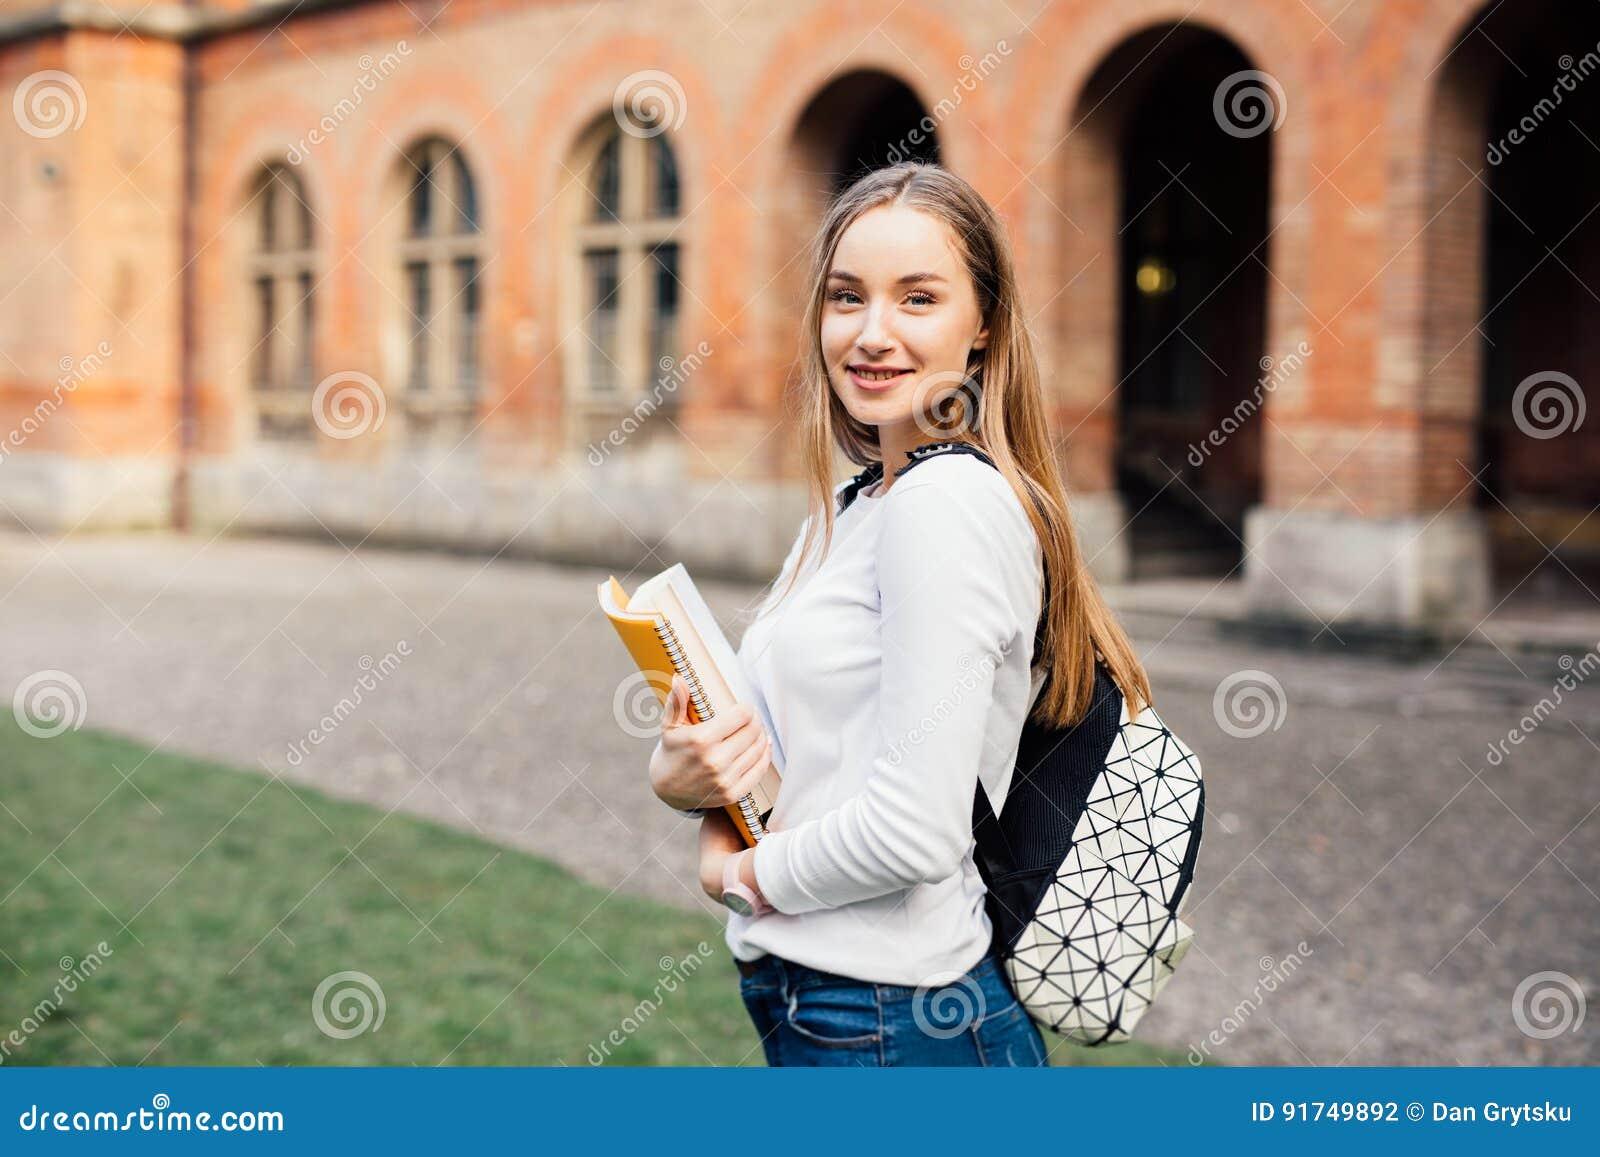 Samica student college   u Szczęśliwa dziewczyna w europejskim uniwersytecie dla stypendium